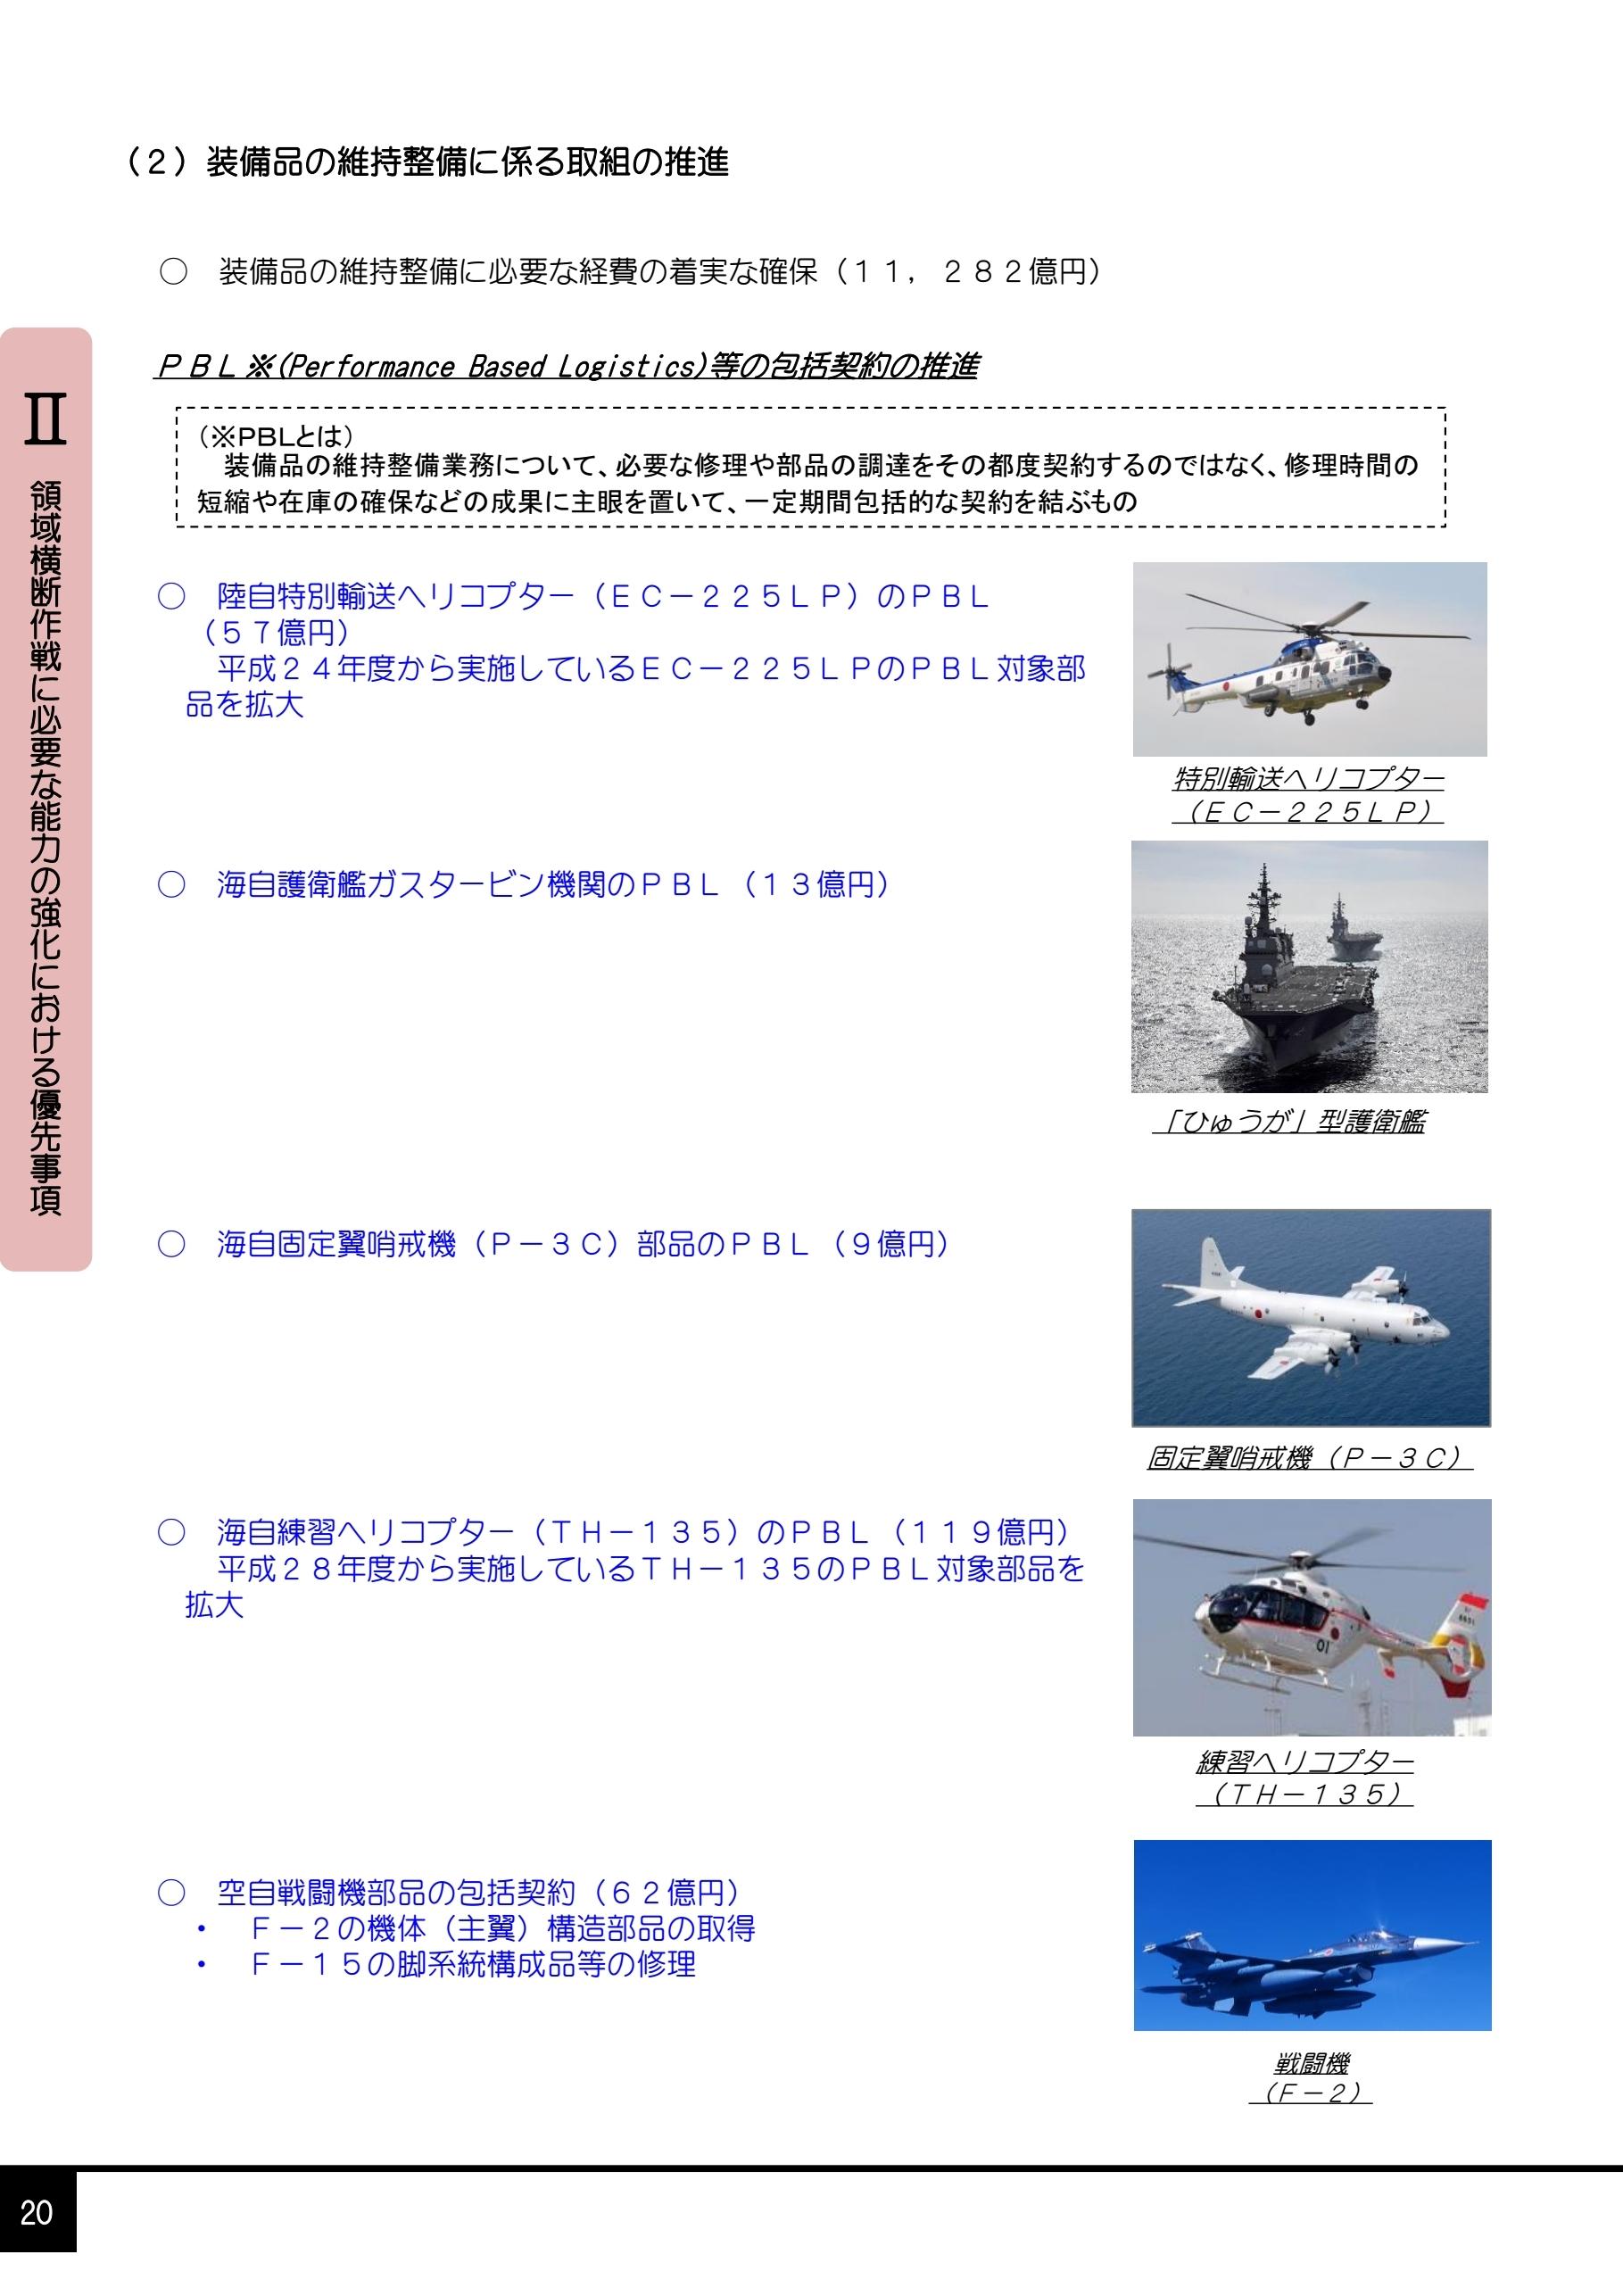 我が国の防衛と予算(案)2021年度予算の概要0024